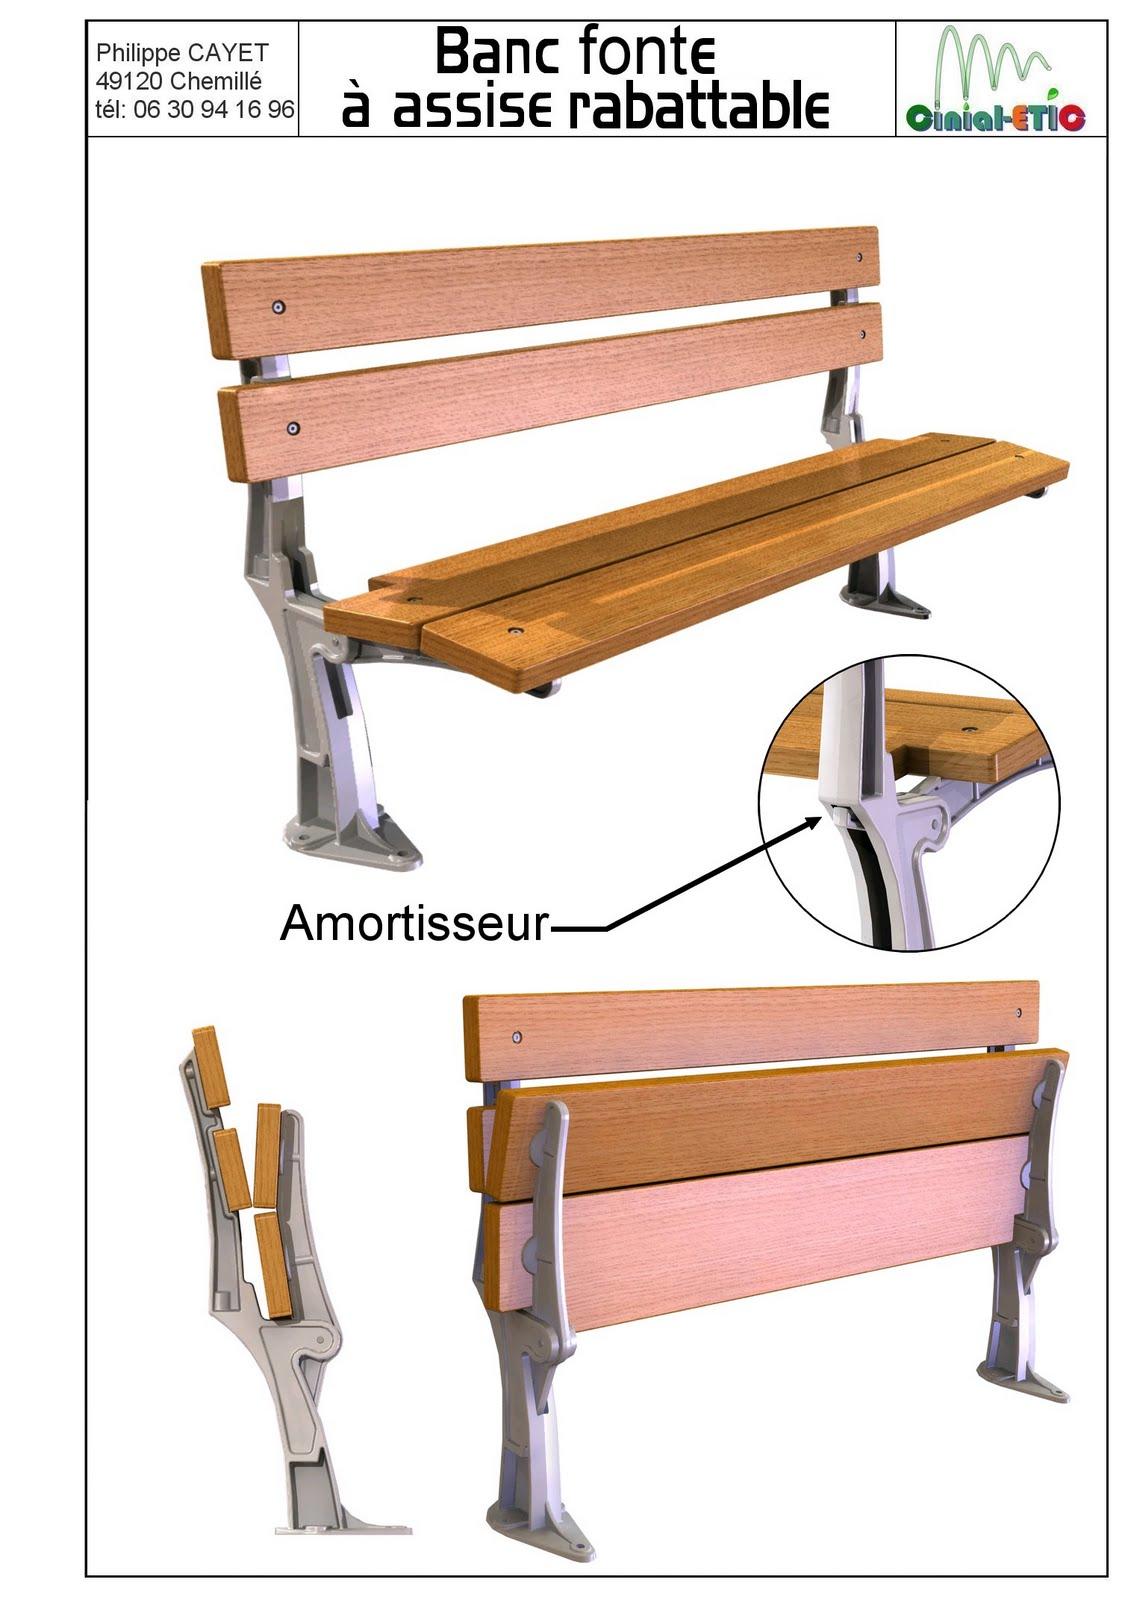 bancs fauteuils banc fonte assise repliable. Black Bedroom Furniture Sets. Home Design Ideas